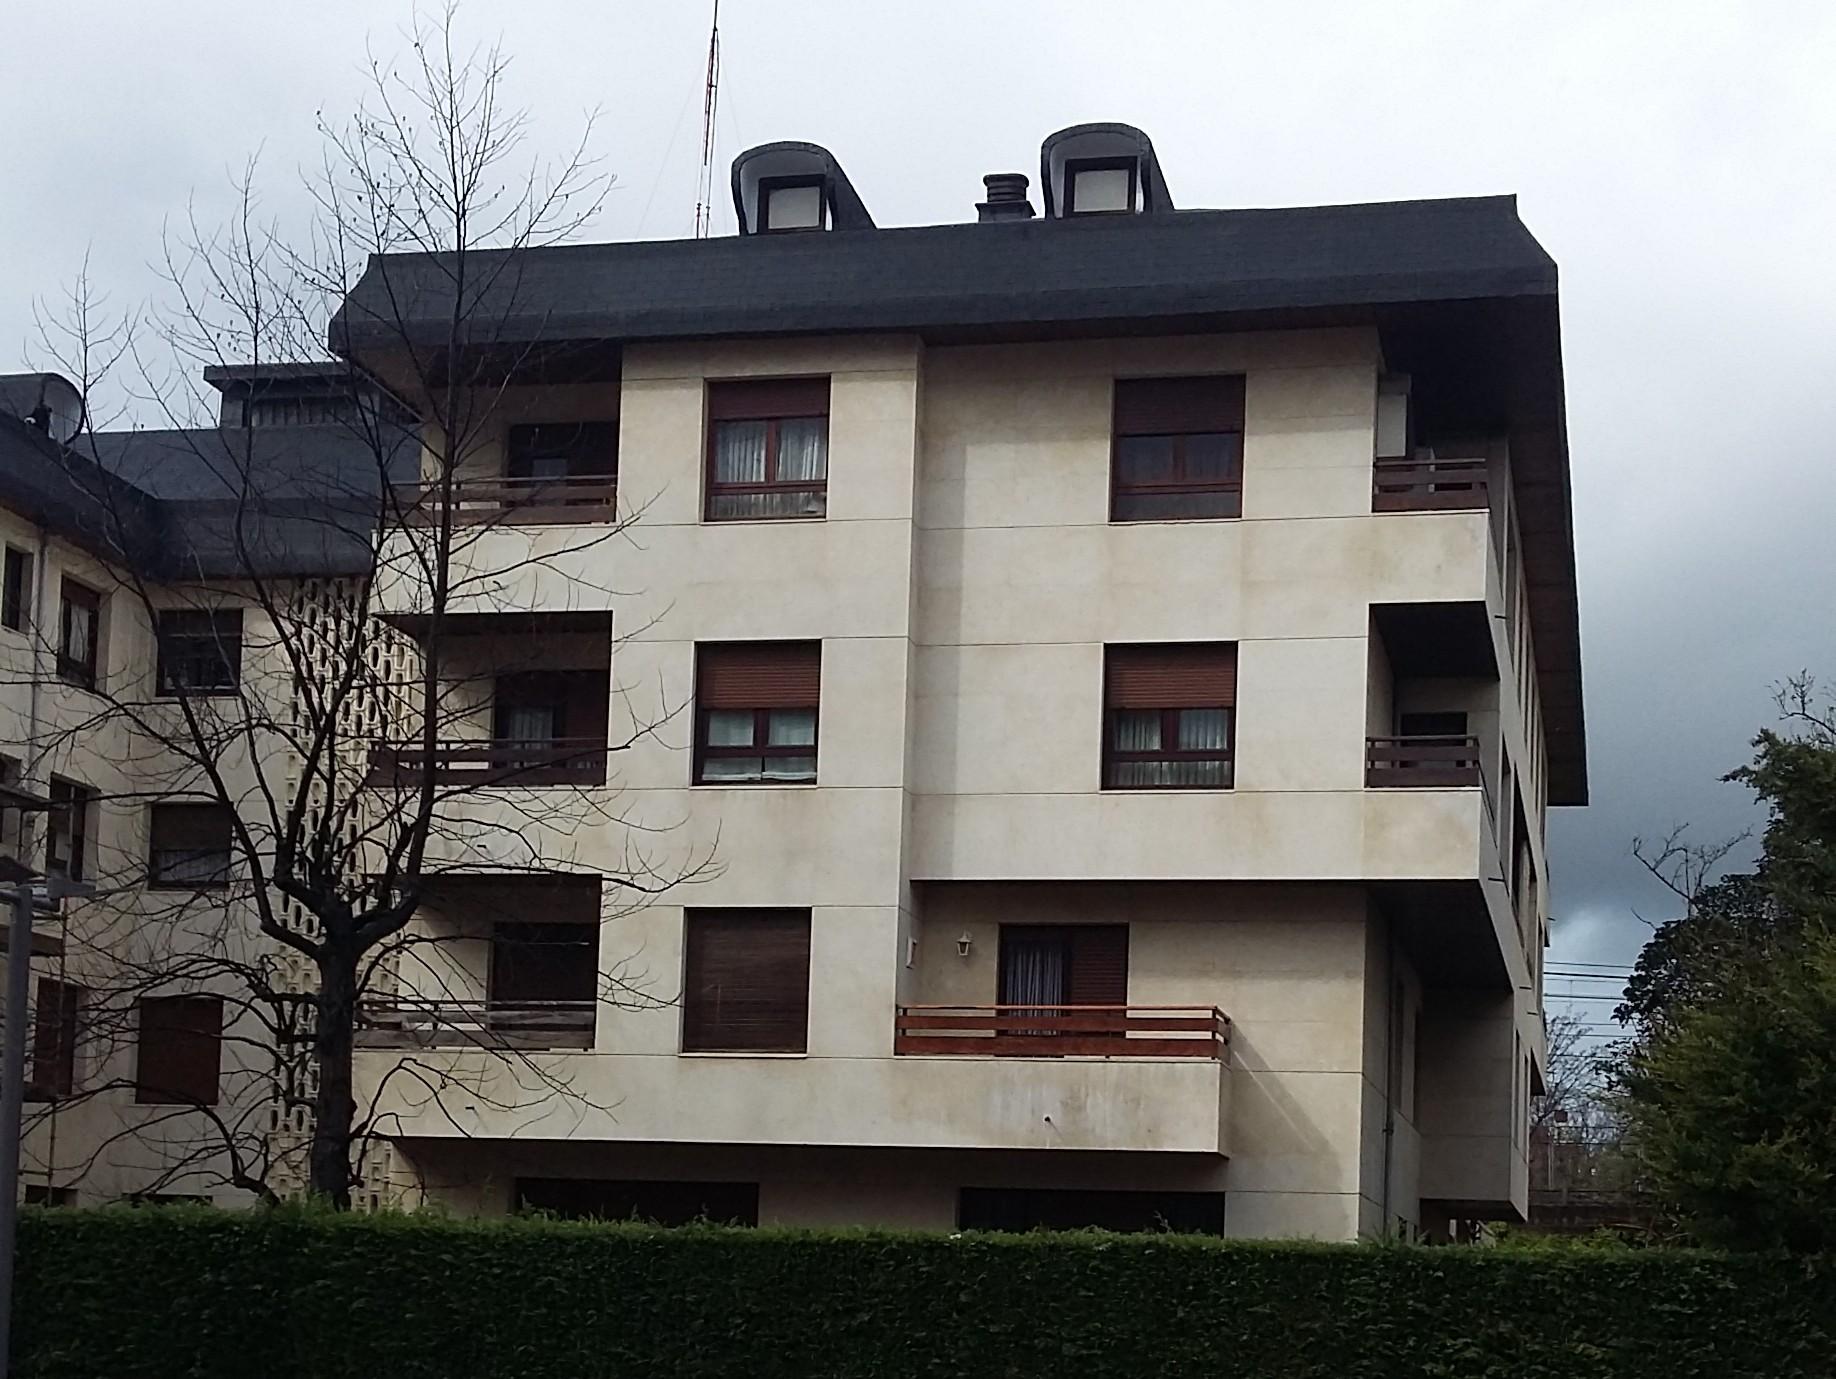 Reparación fachadas y cubierta Errekagane Nº17-19